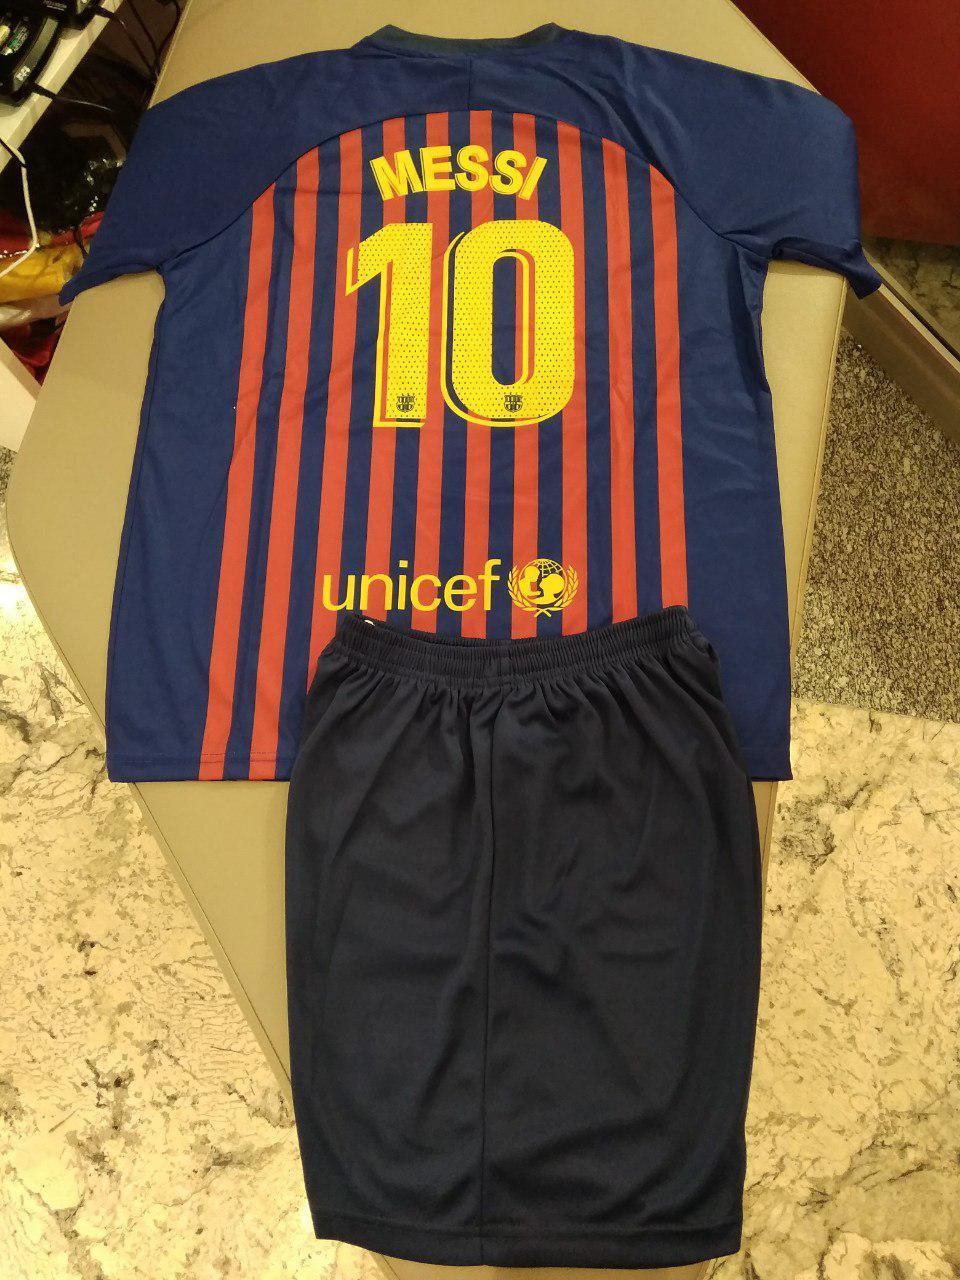 Детская футбольная формаБарселона,МессиДетские: от 2 до 6 летПодростковые: от 6 до 14 летВзрослые: S, M, L, XL. XXLФутболка, шортыВ наличии1190руб.